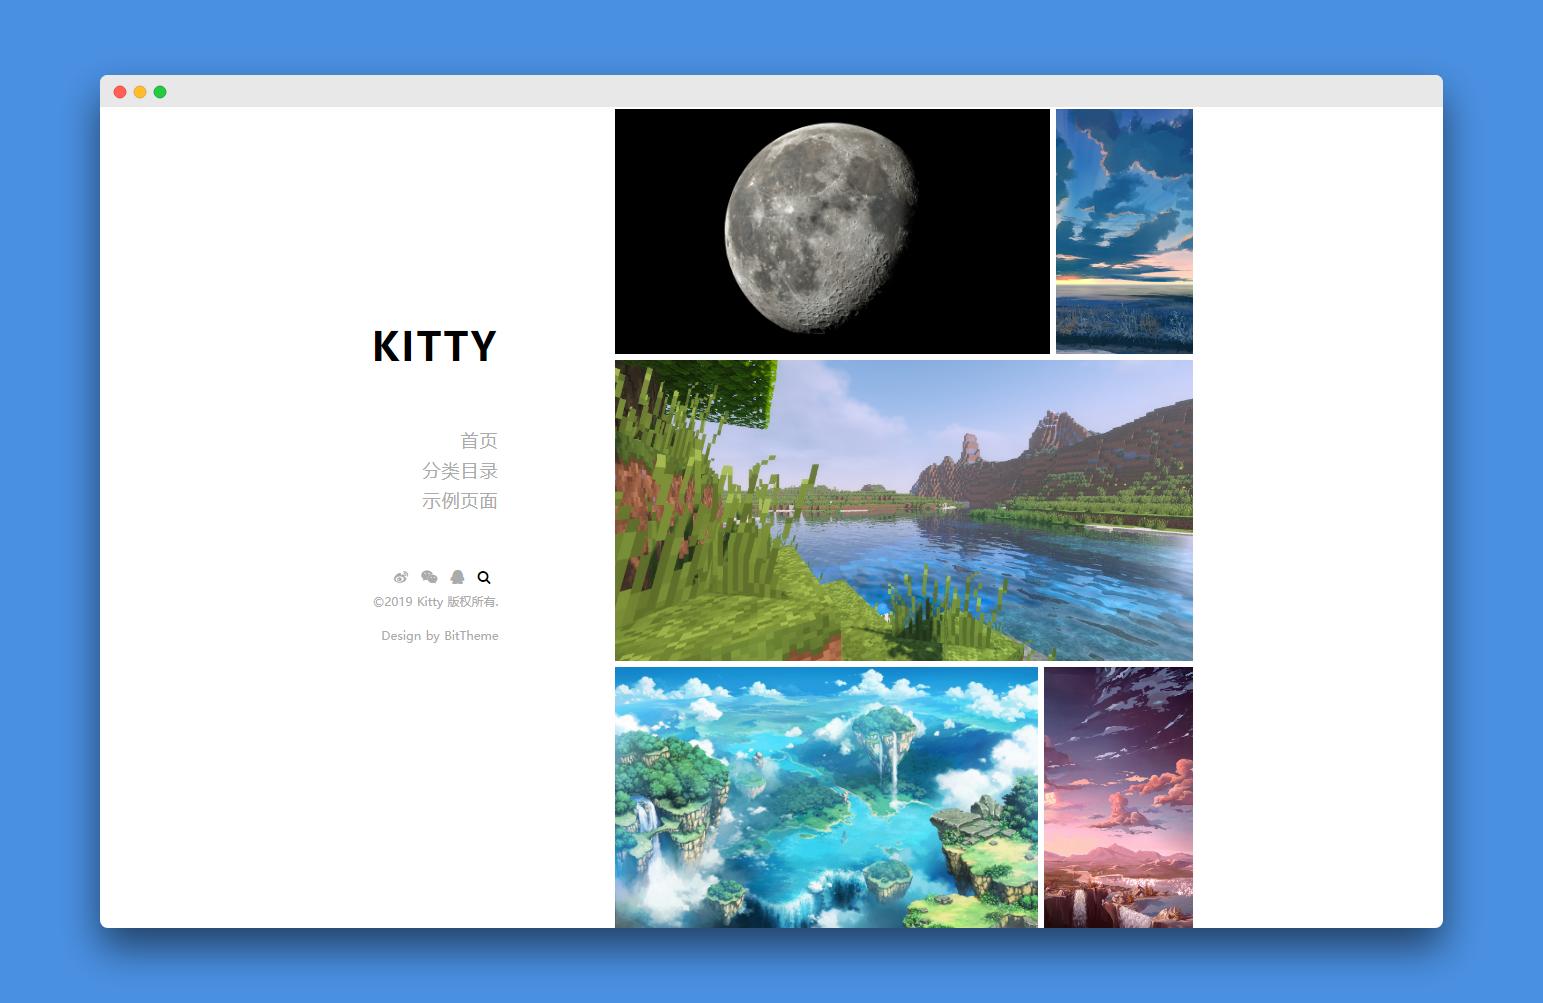 【精选主题】简约文字WordPress博客主题:Kitty [¥10]插图(1)